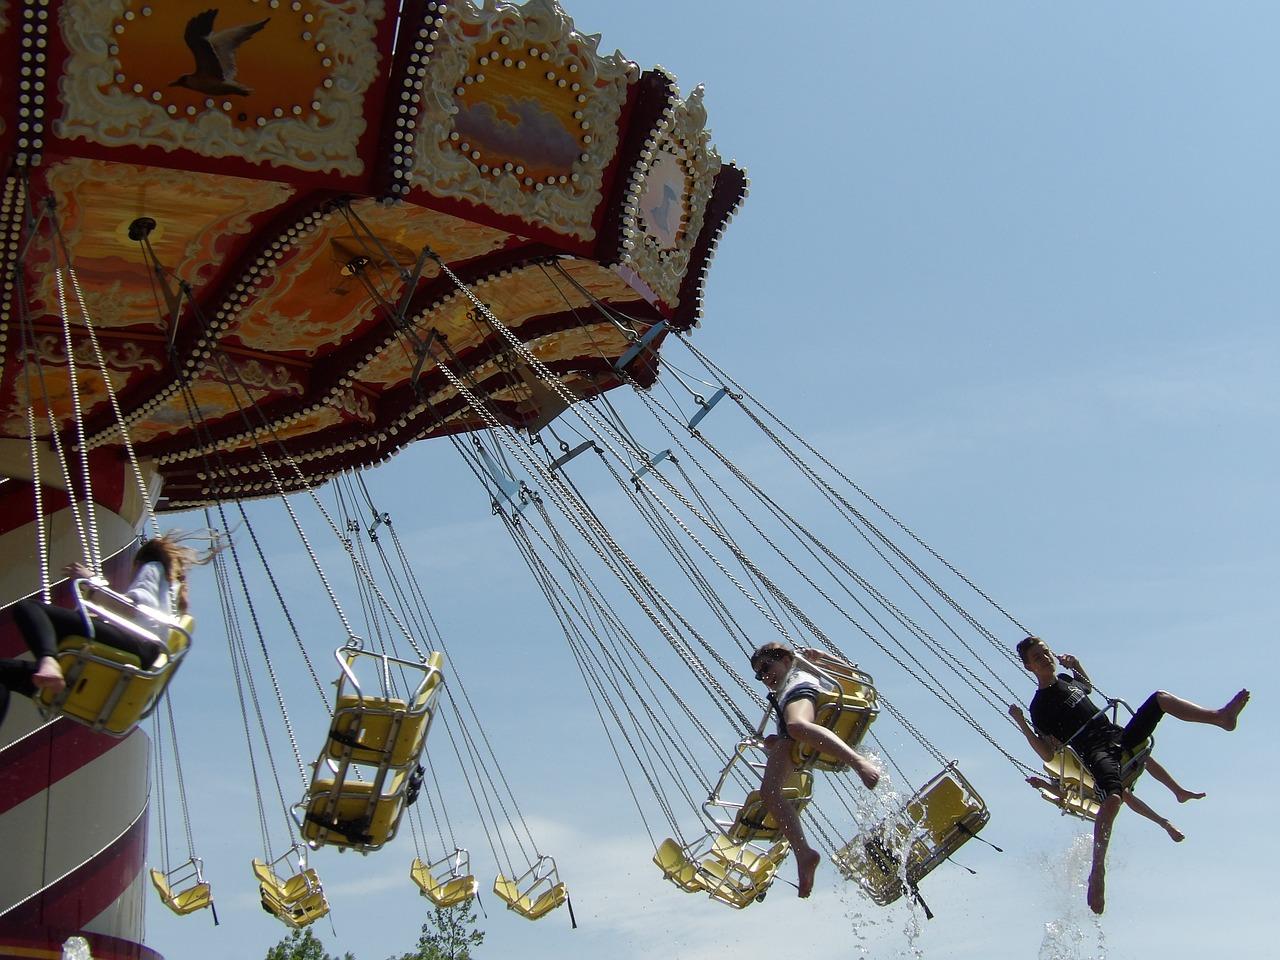 parchi giochi da visitare a roma